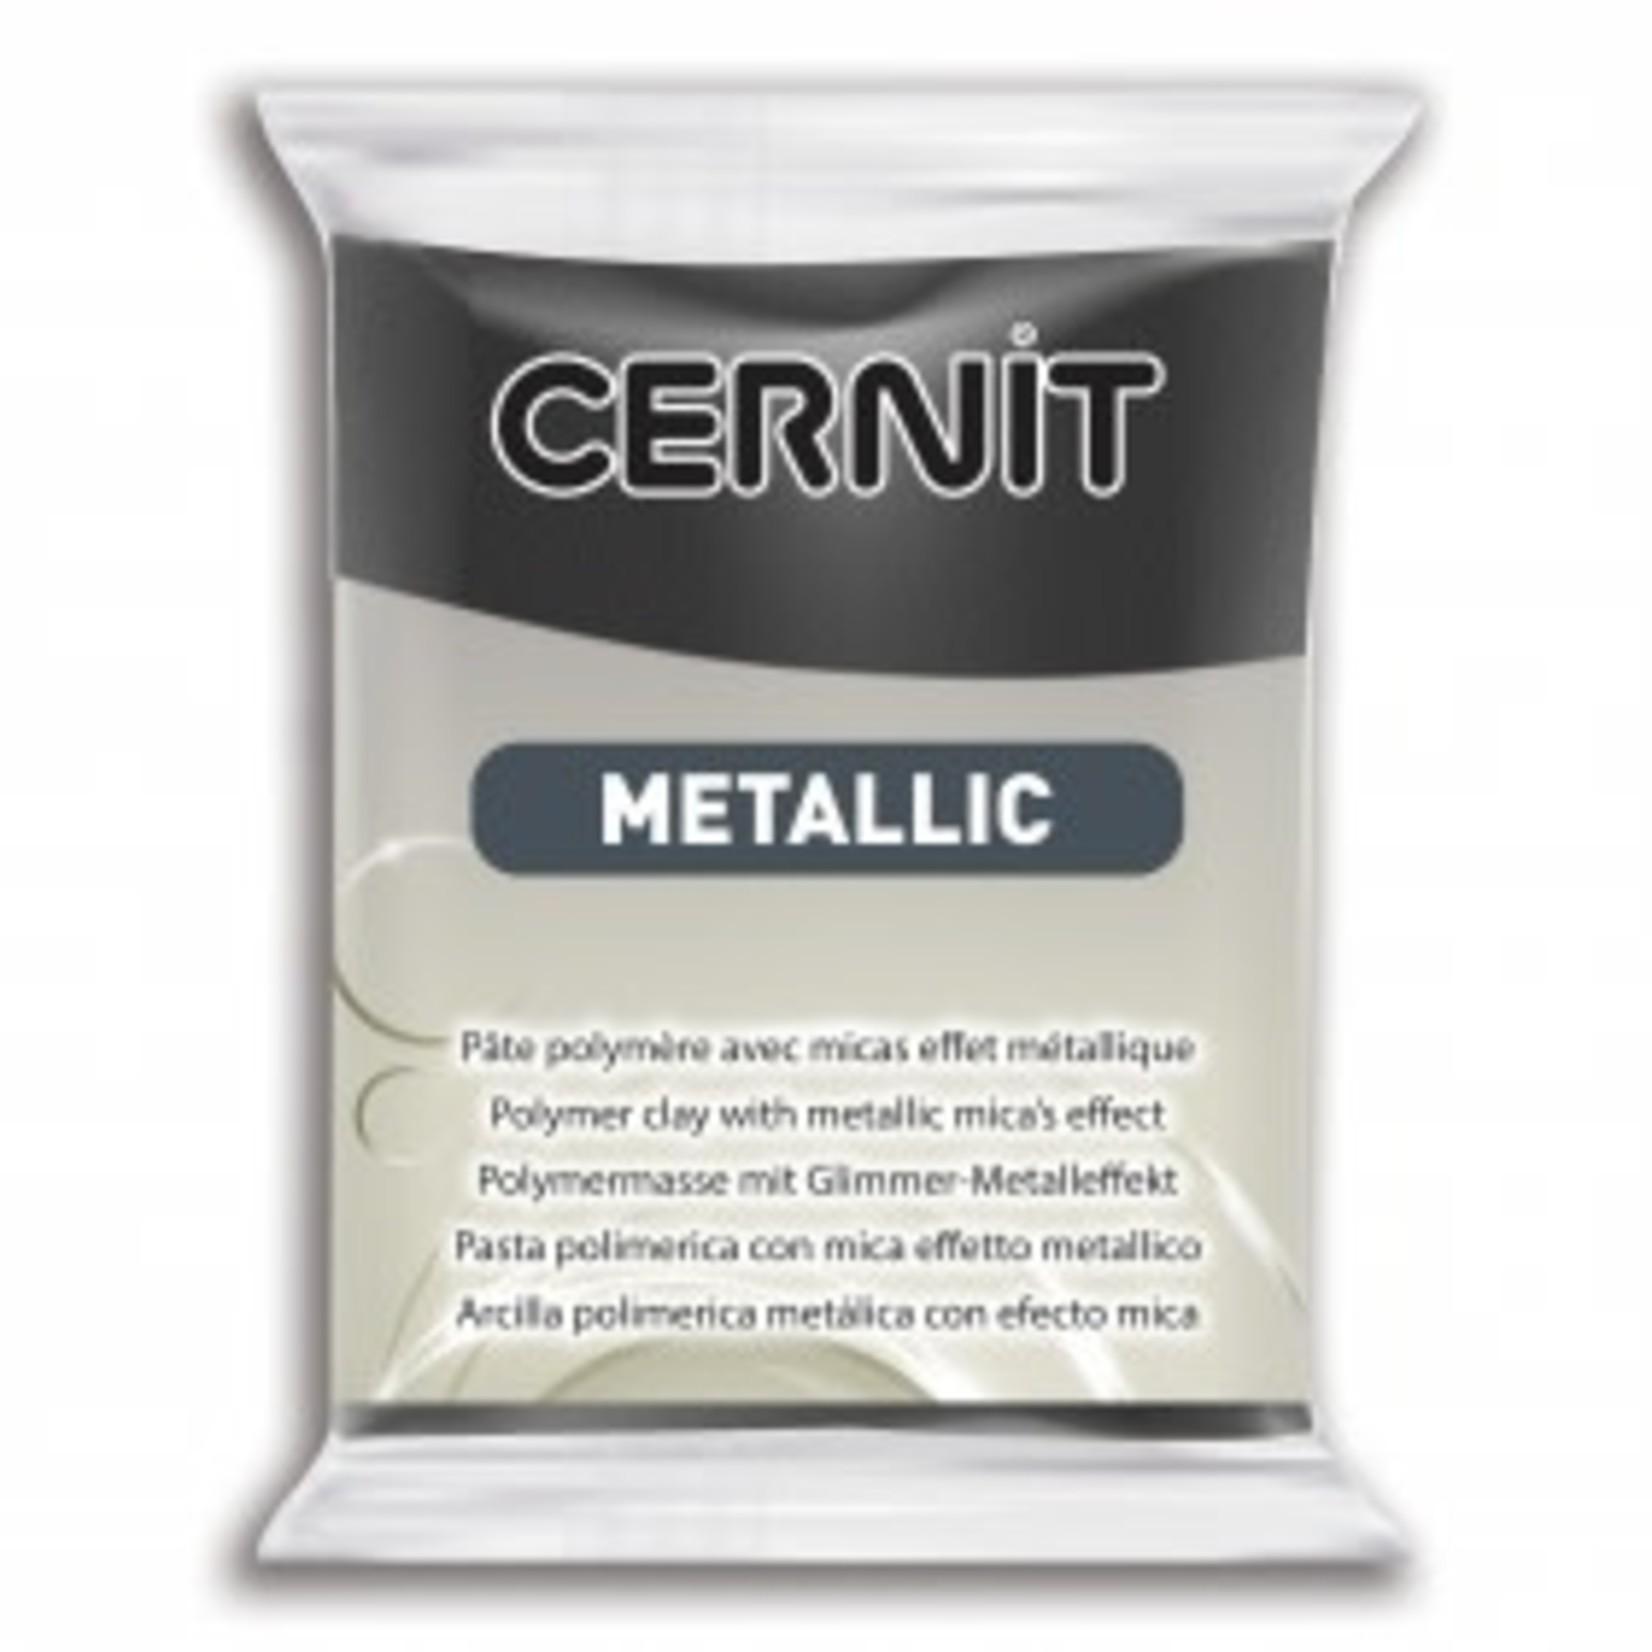 Cernit Cernit Metallic 56g Hematite